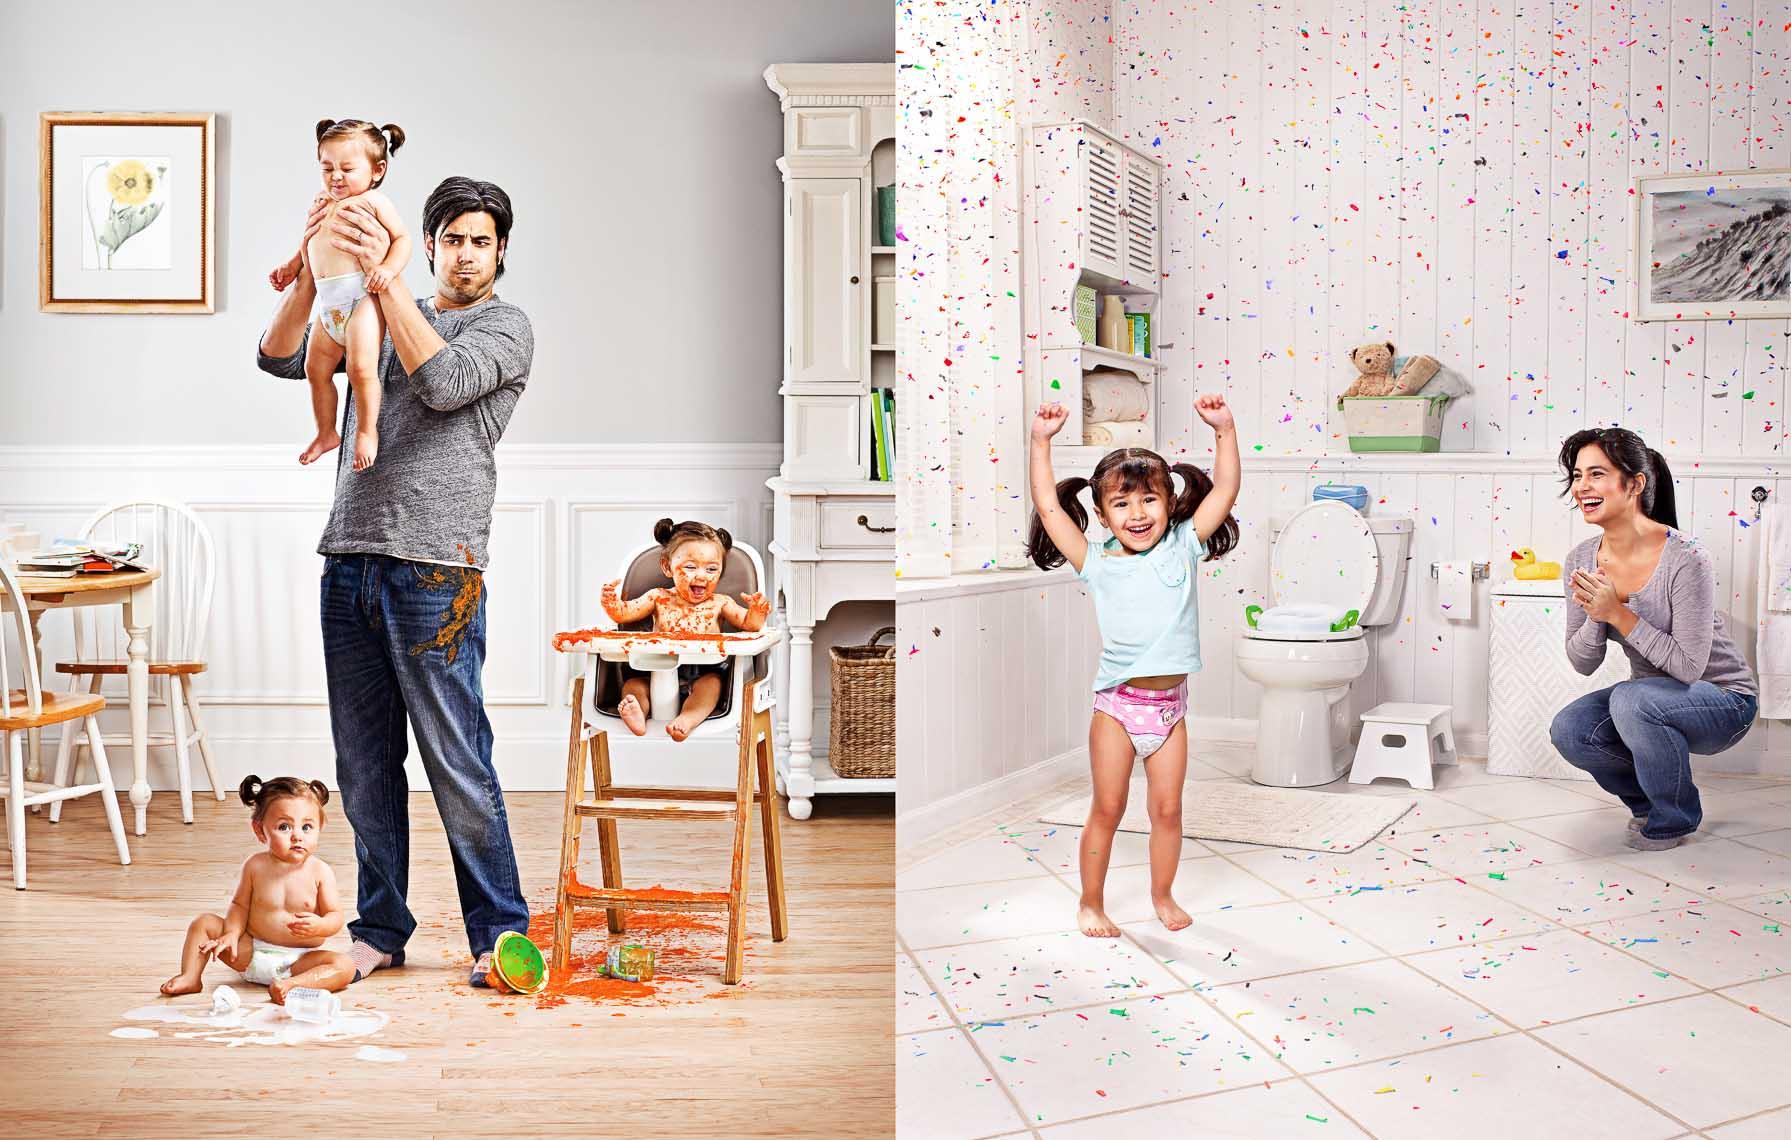 Kids_Portfolio_Evan_Kafka_cgfrog_com_23